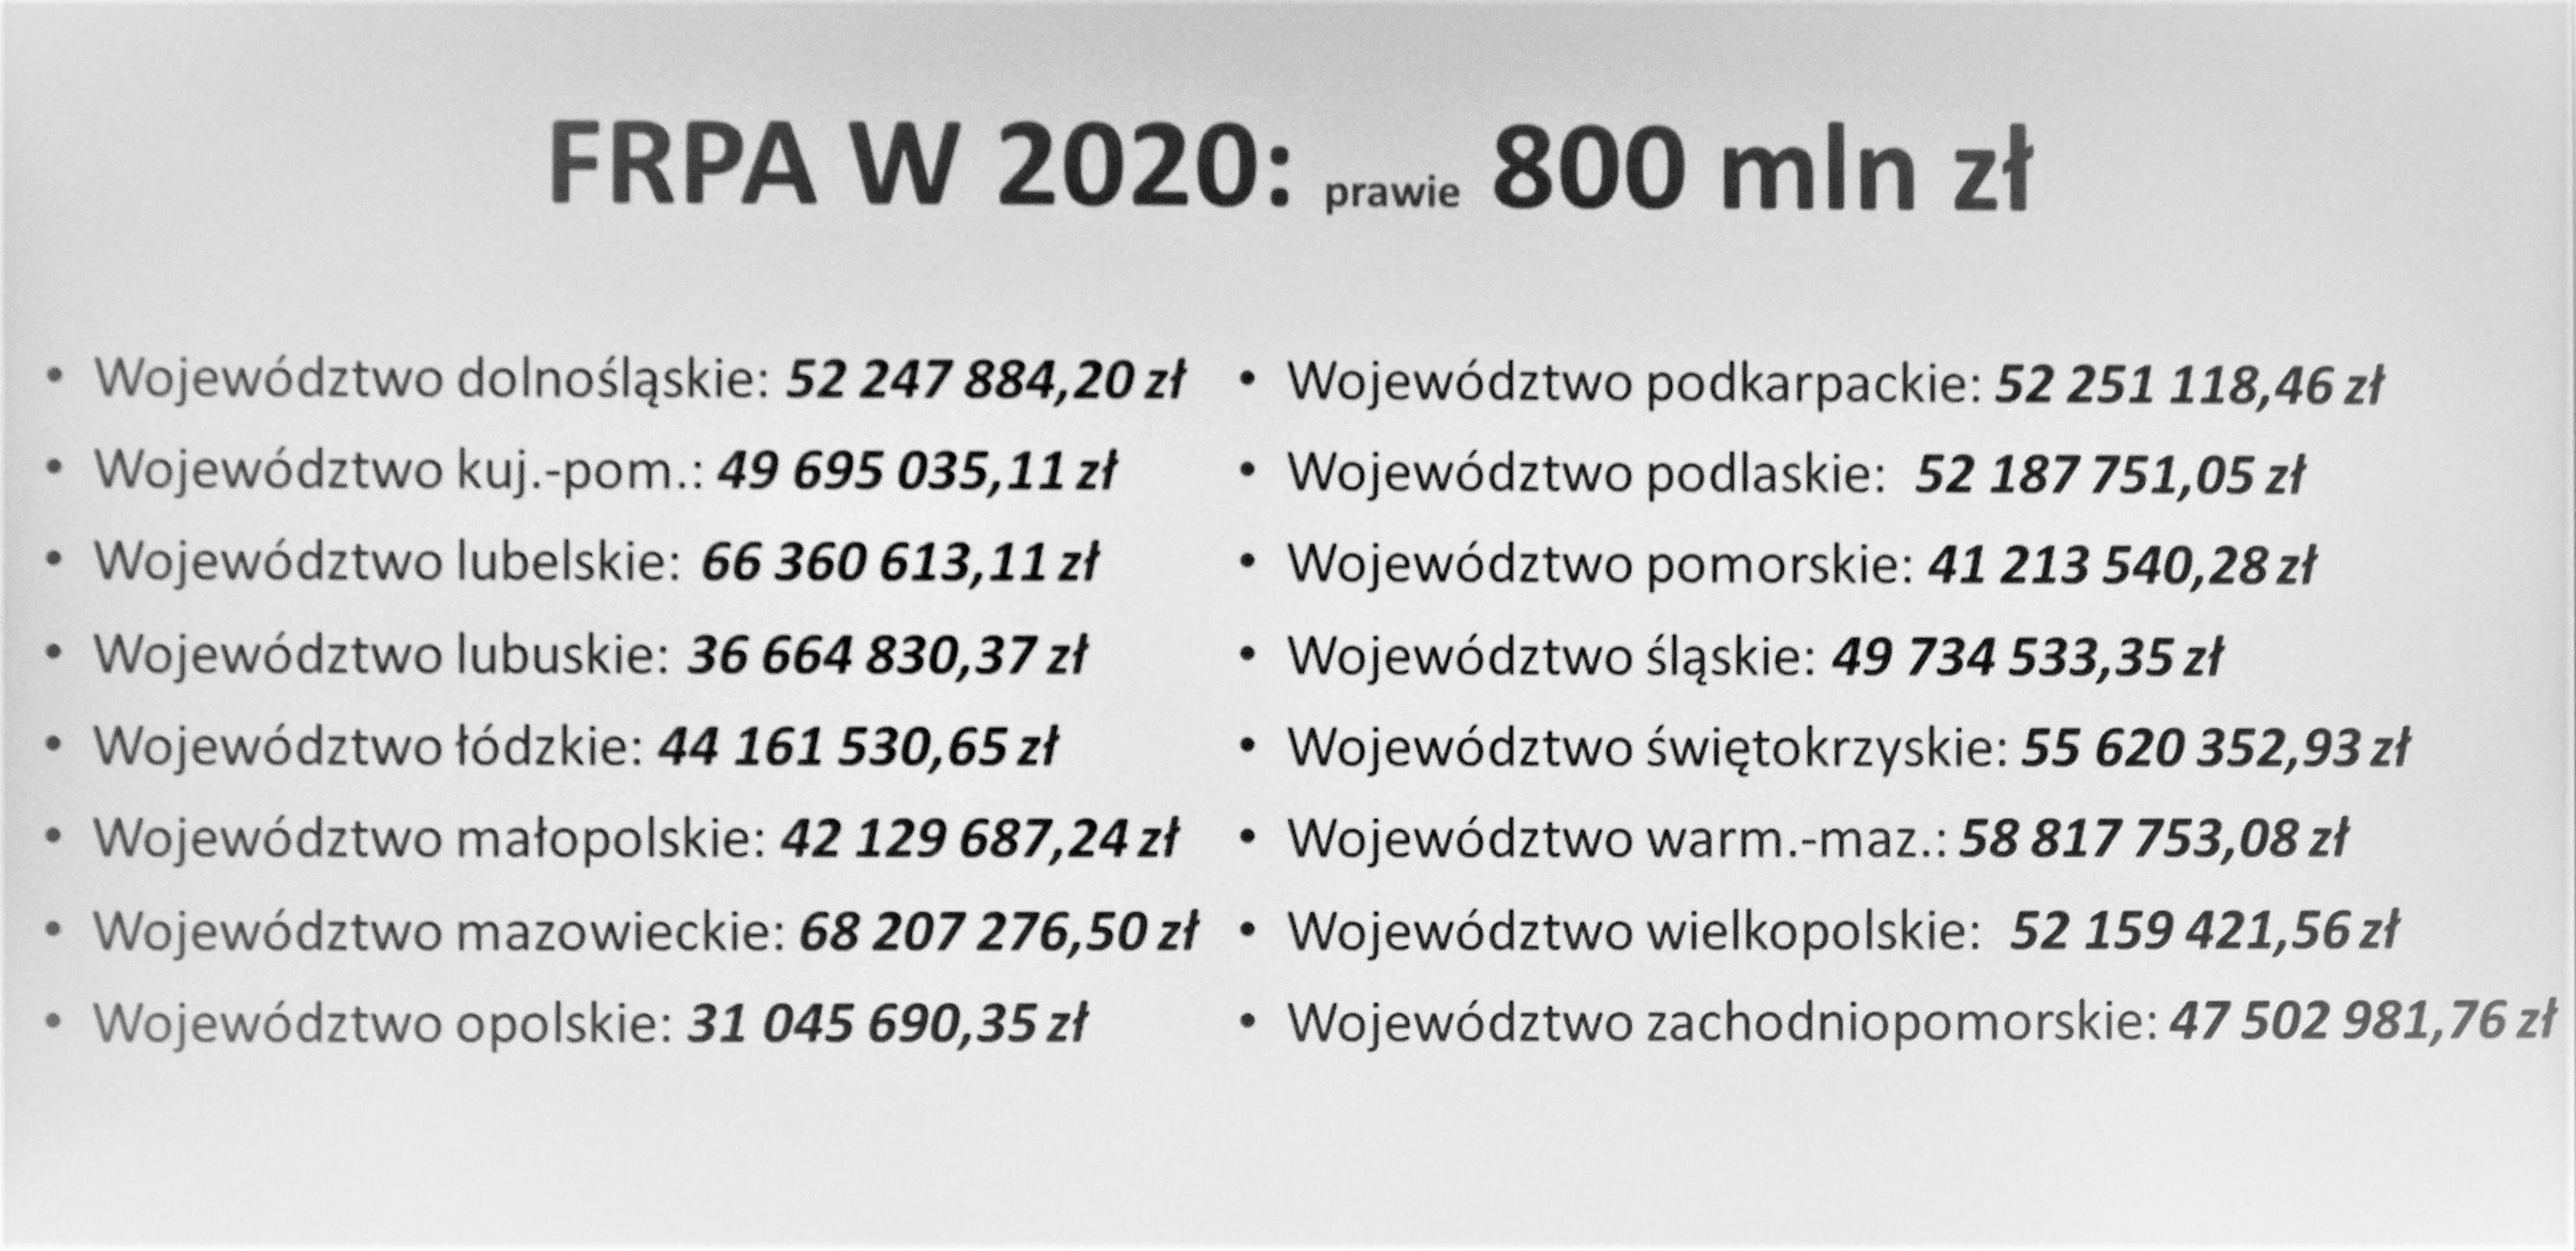 FRPA w 2020. Źródło: PTWP